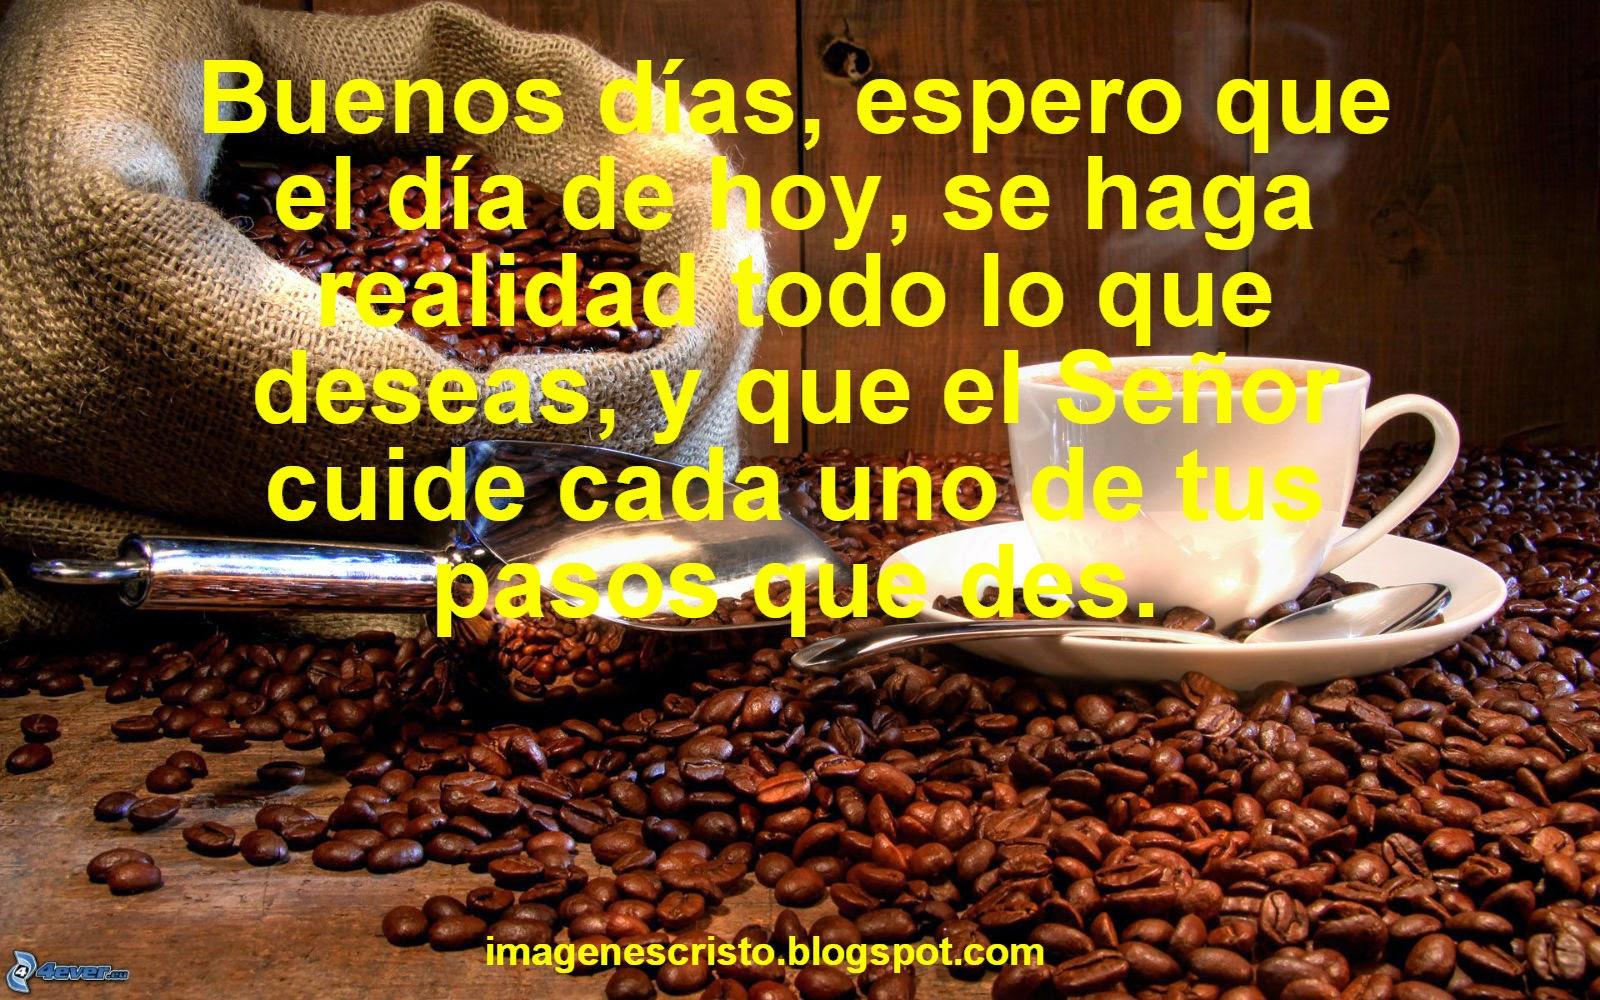 Imágenes Cristianas Banco De Imagenes Cristianas De Buenos Días Y